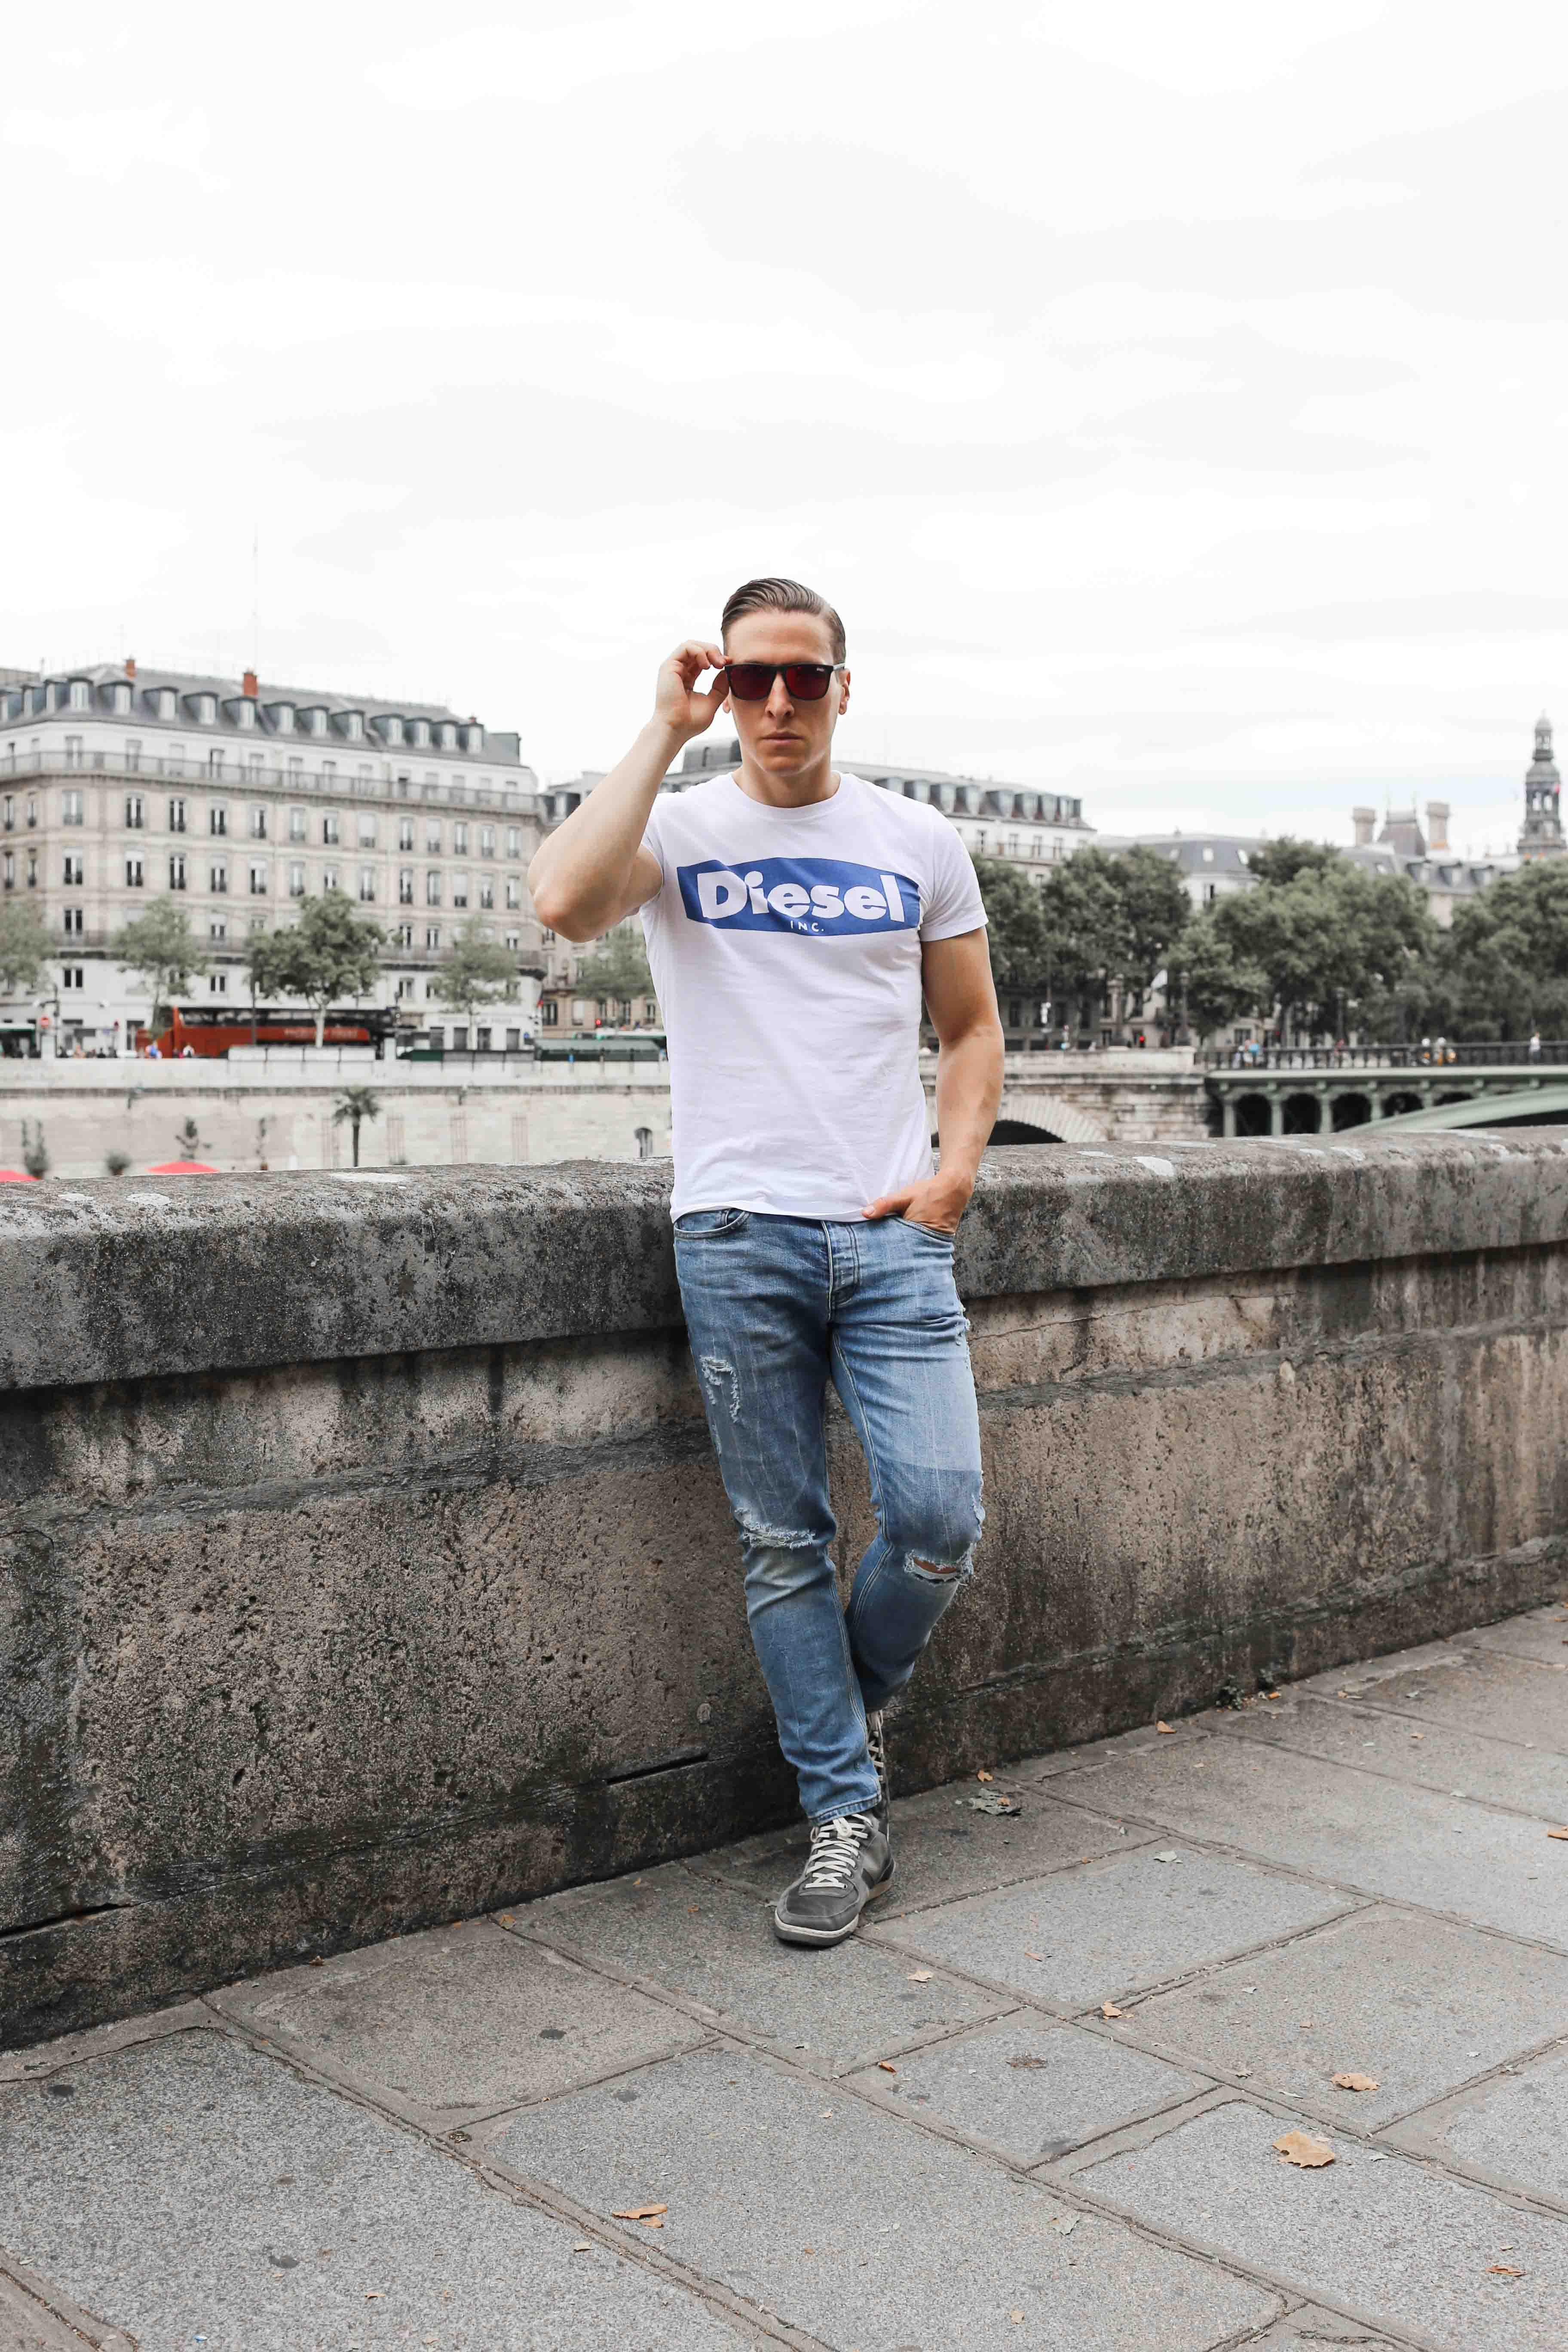 logo-shirt-trend-5-gründe-logo-shirts-outfit-modeblog-männerblog_1543